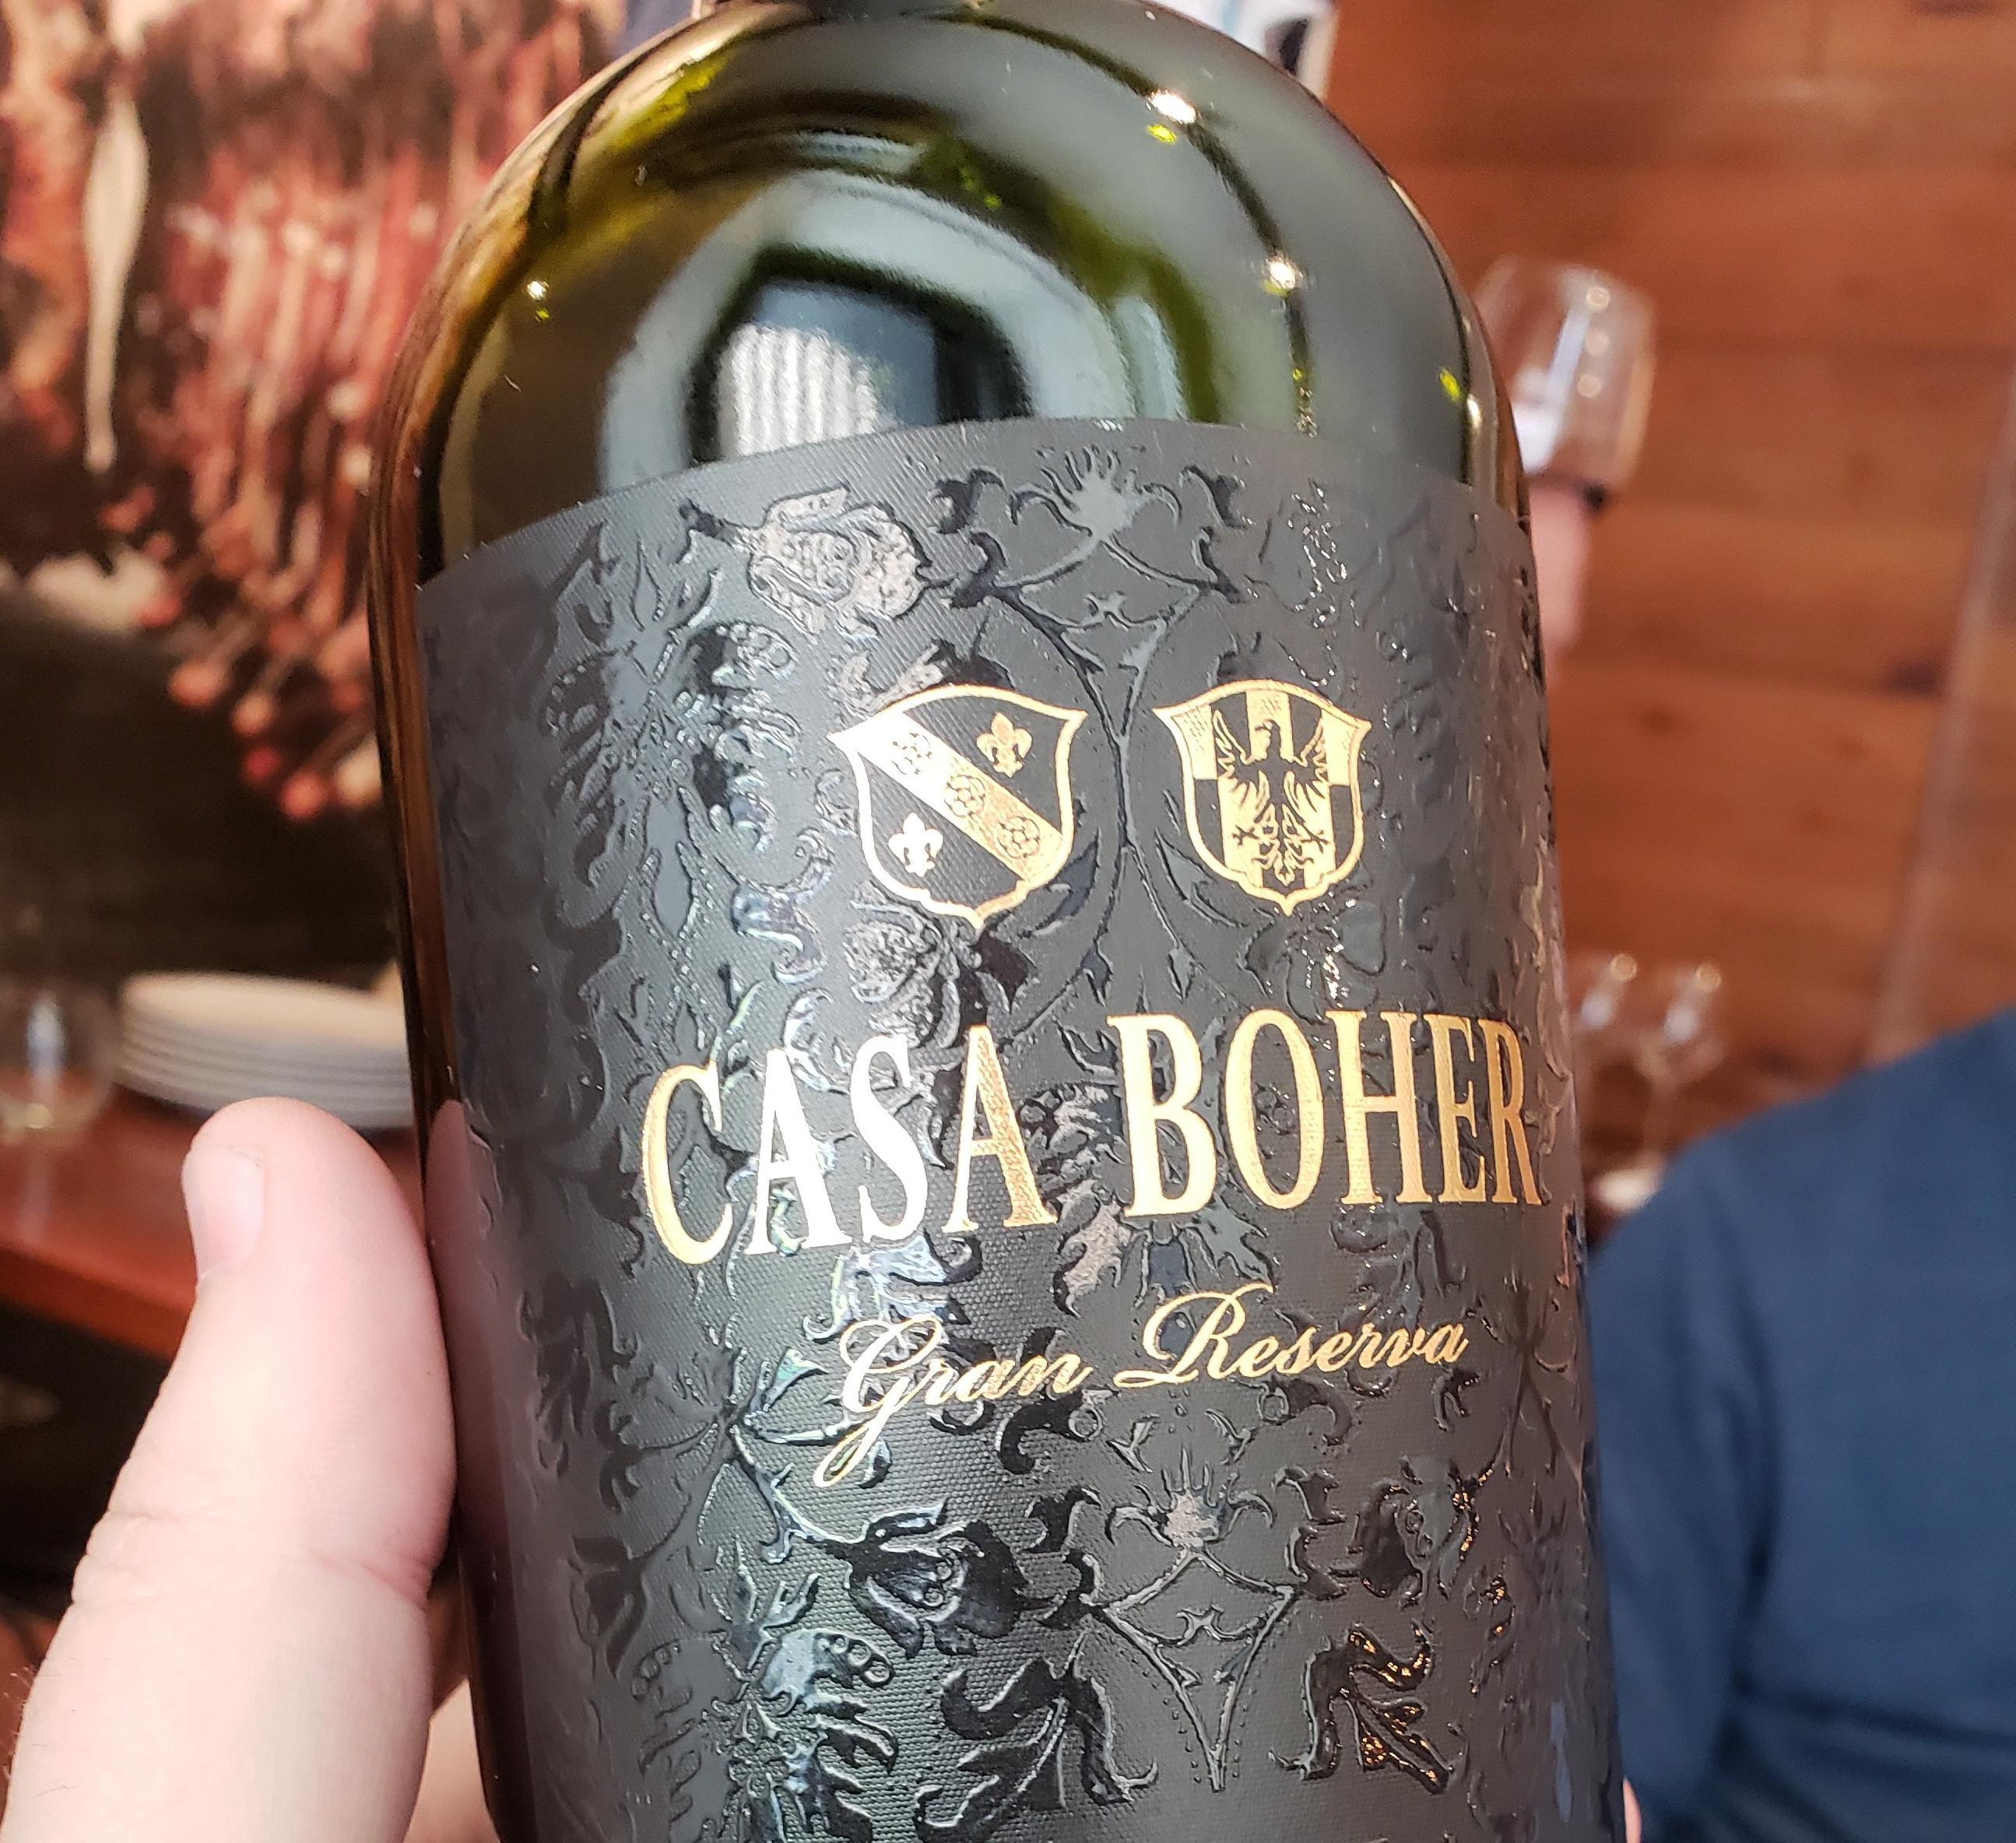 Rosell Boher presenta los nuevos Casa Boher Gran Reserva 2015 y Gran Chardonnay 2017